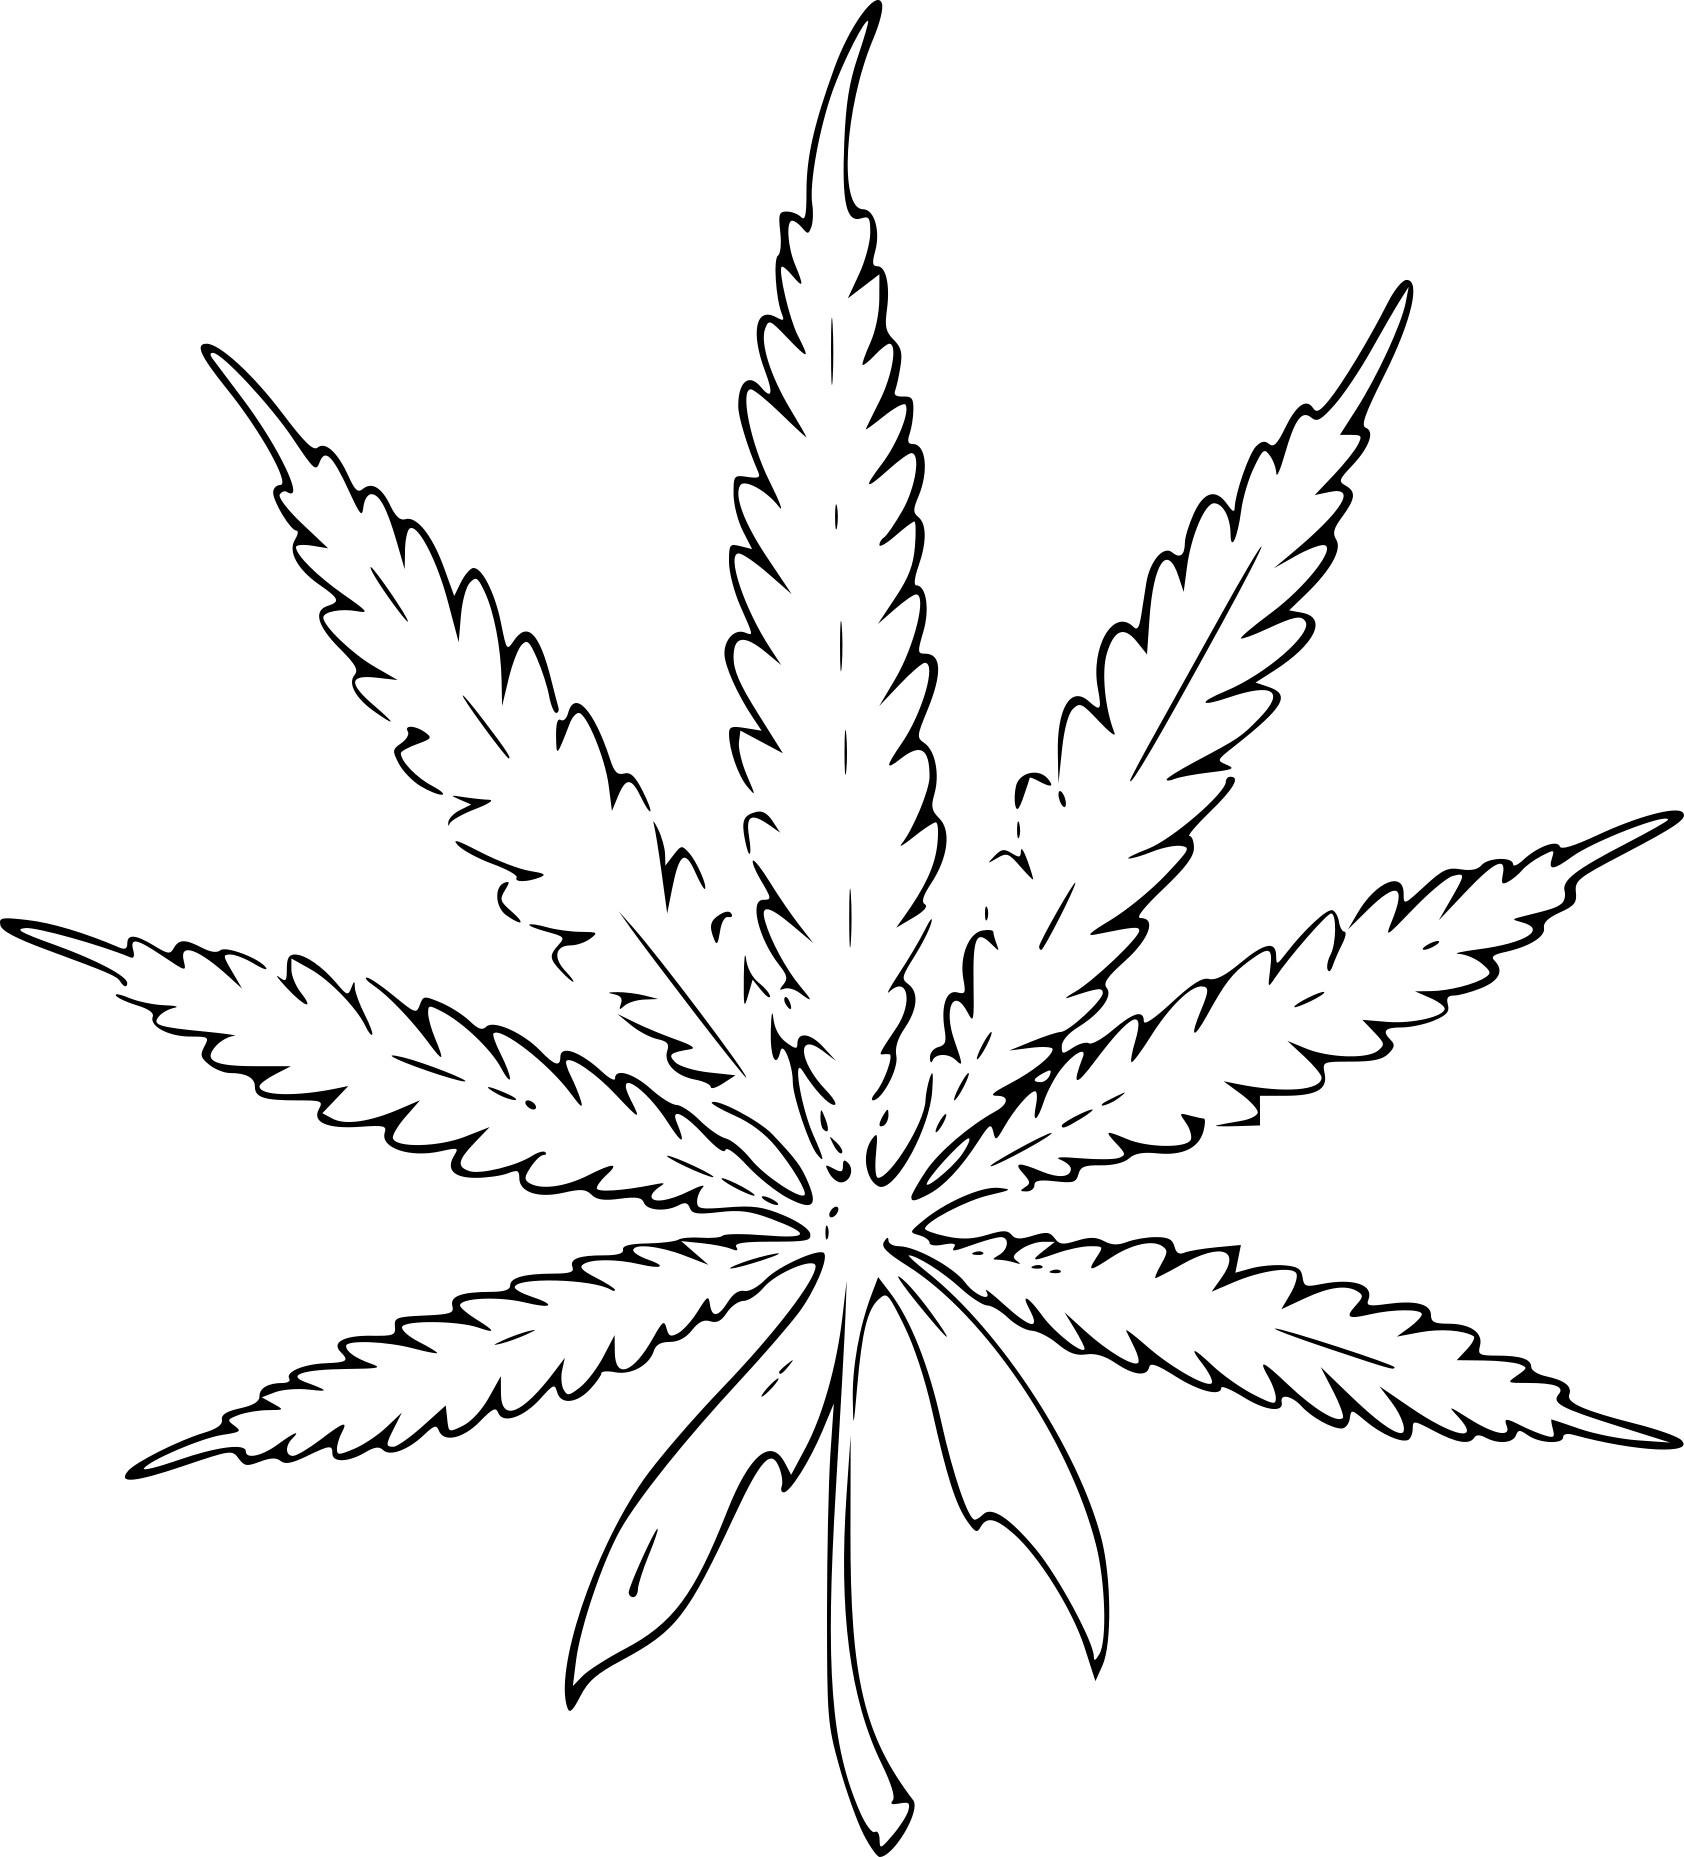 Dessin de feuille a imprimer bo71 montrealeast - Dessin feuille cannabis ...